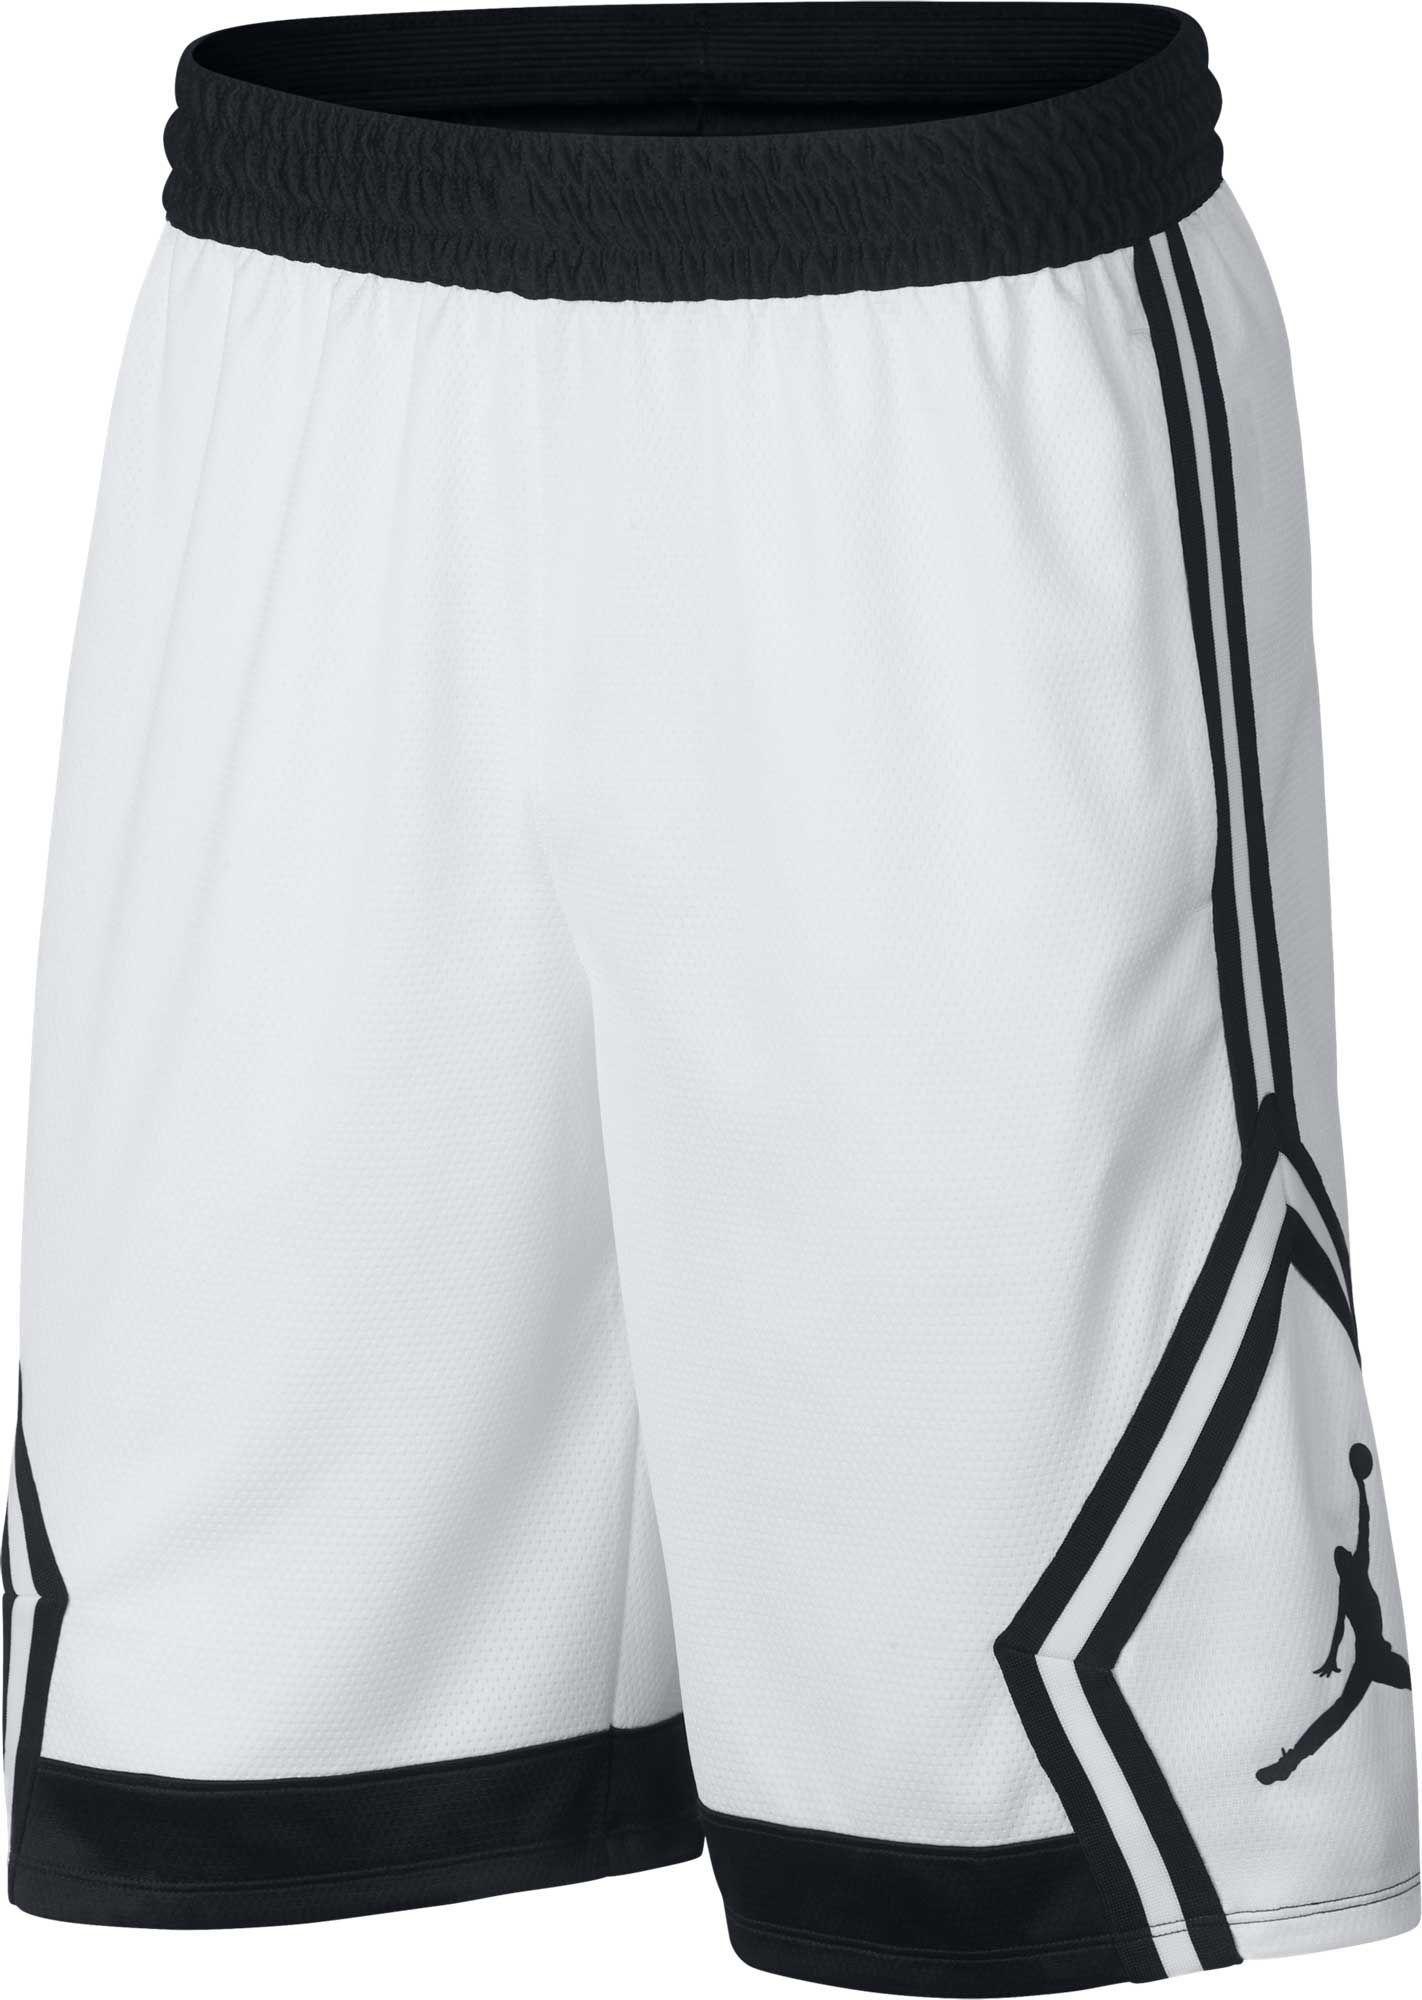 bd9fda36ce43d Jordan Men's Rise Diamond Basketball Shorts | Products | Mens white ...